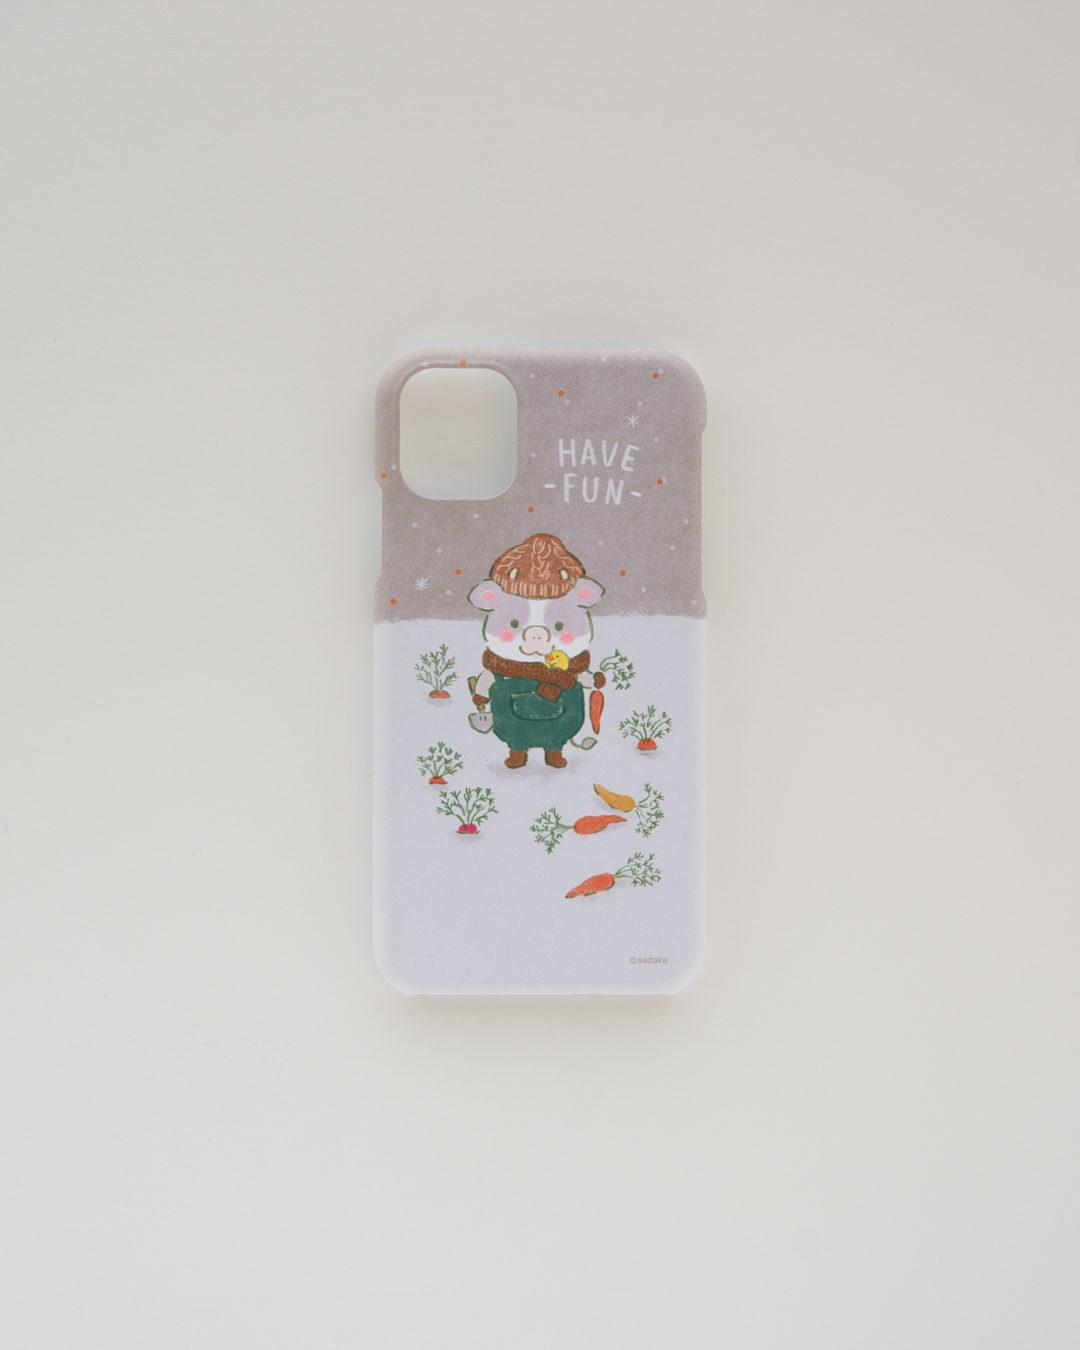 ほんわか日和 iPhoneケース 雪の畑【モウ】 ほんわかストア